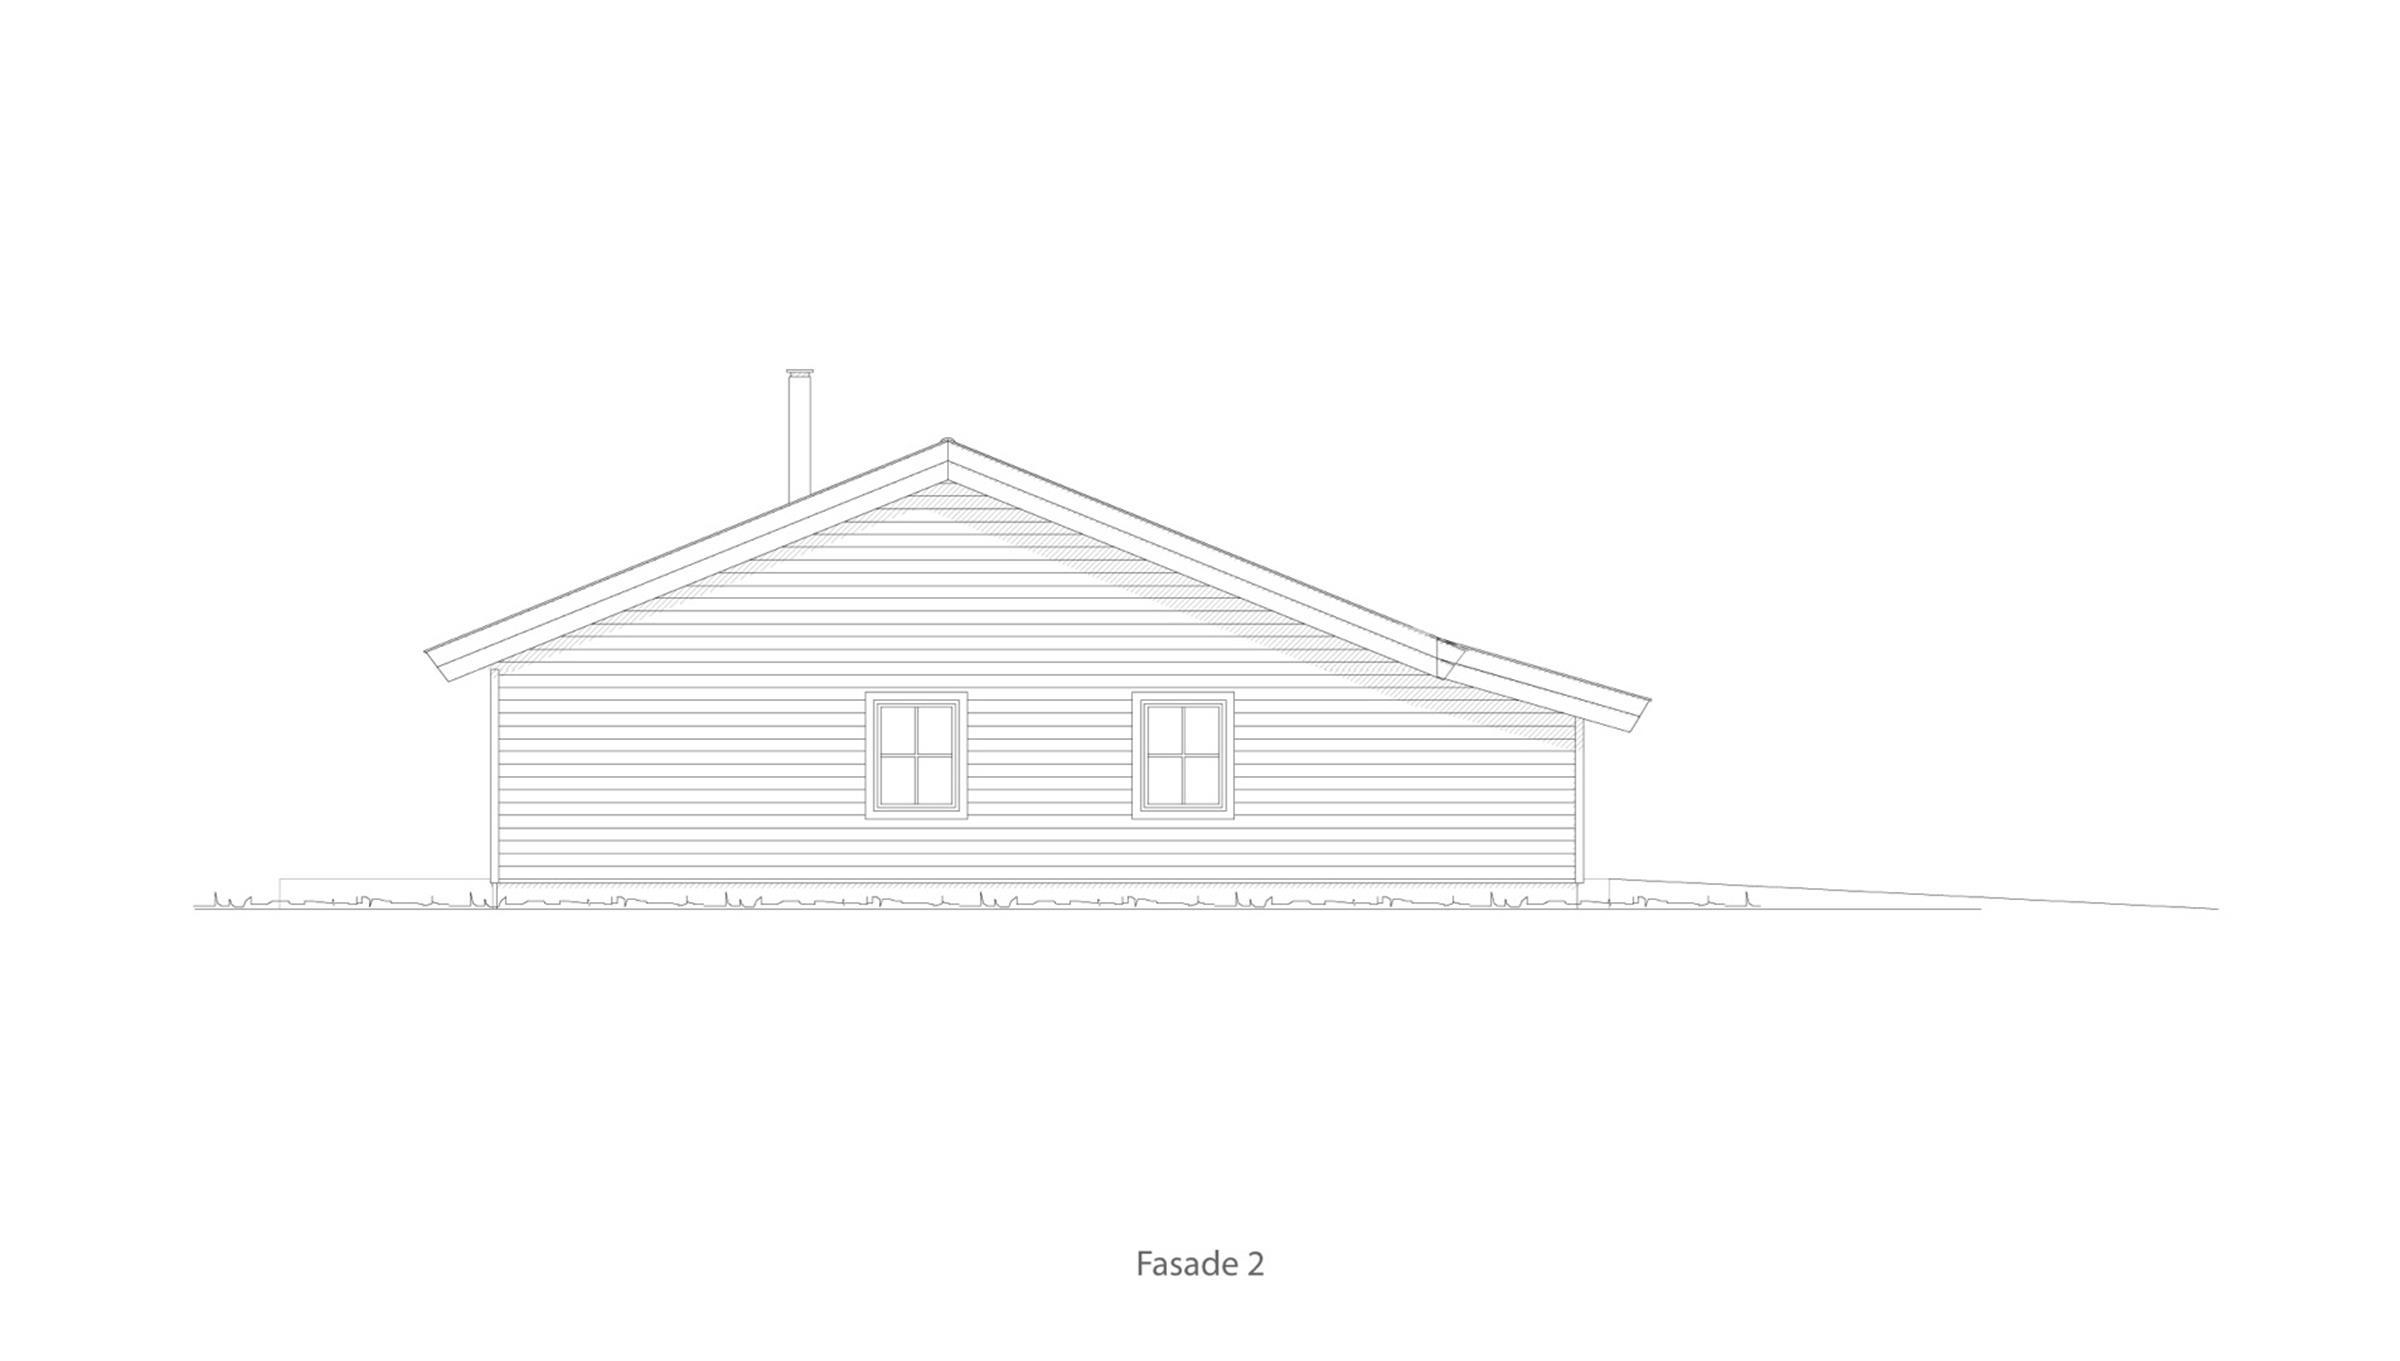 Førde fasade 2